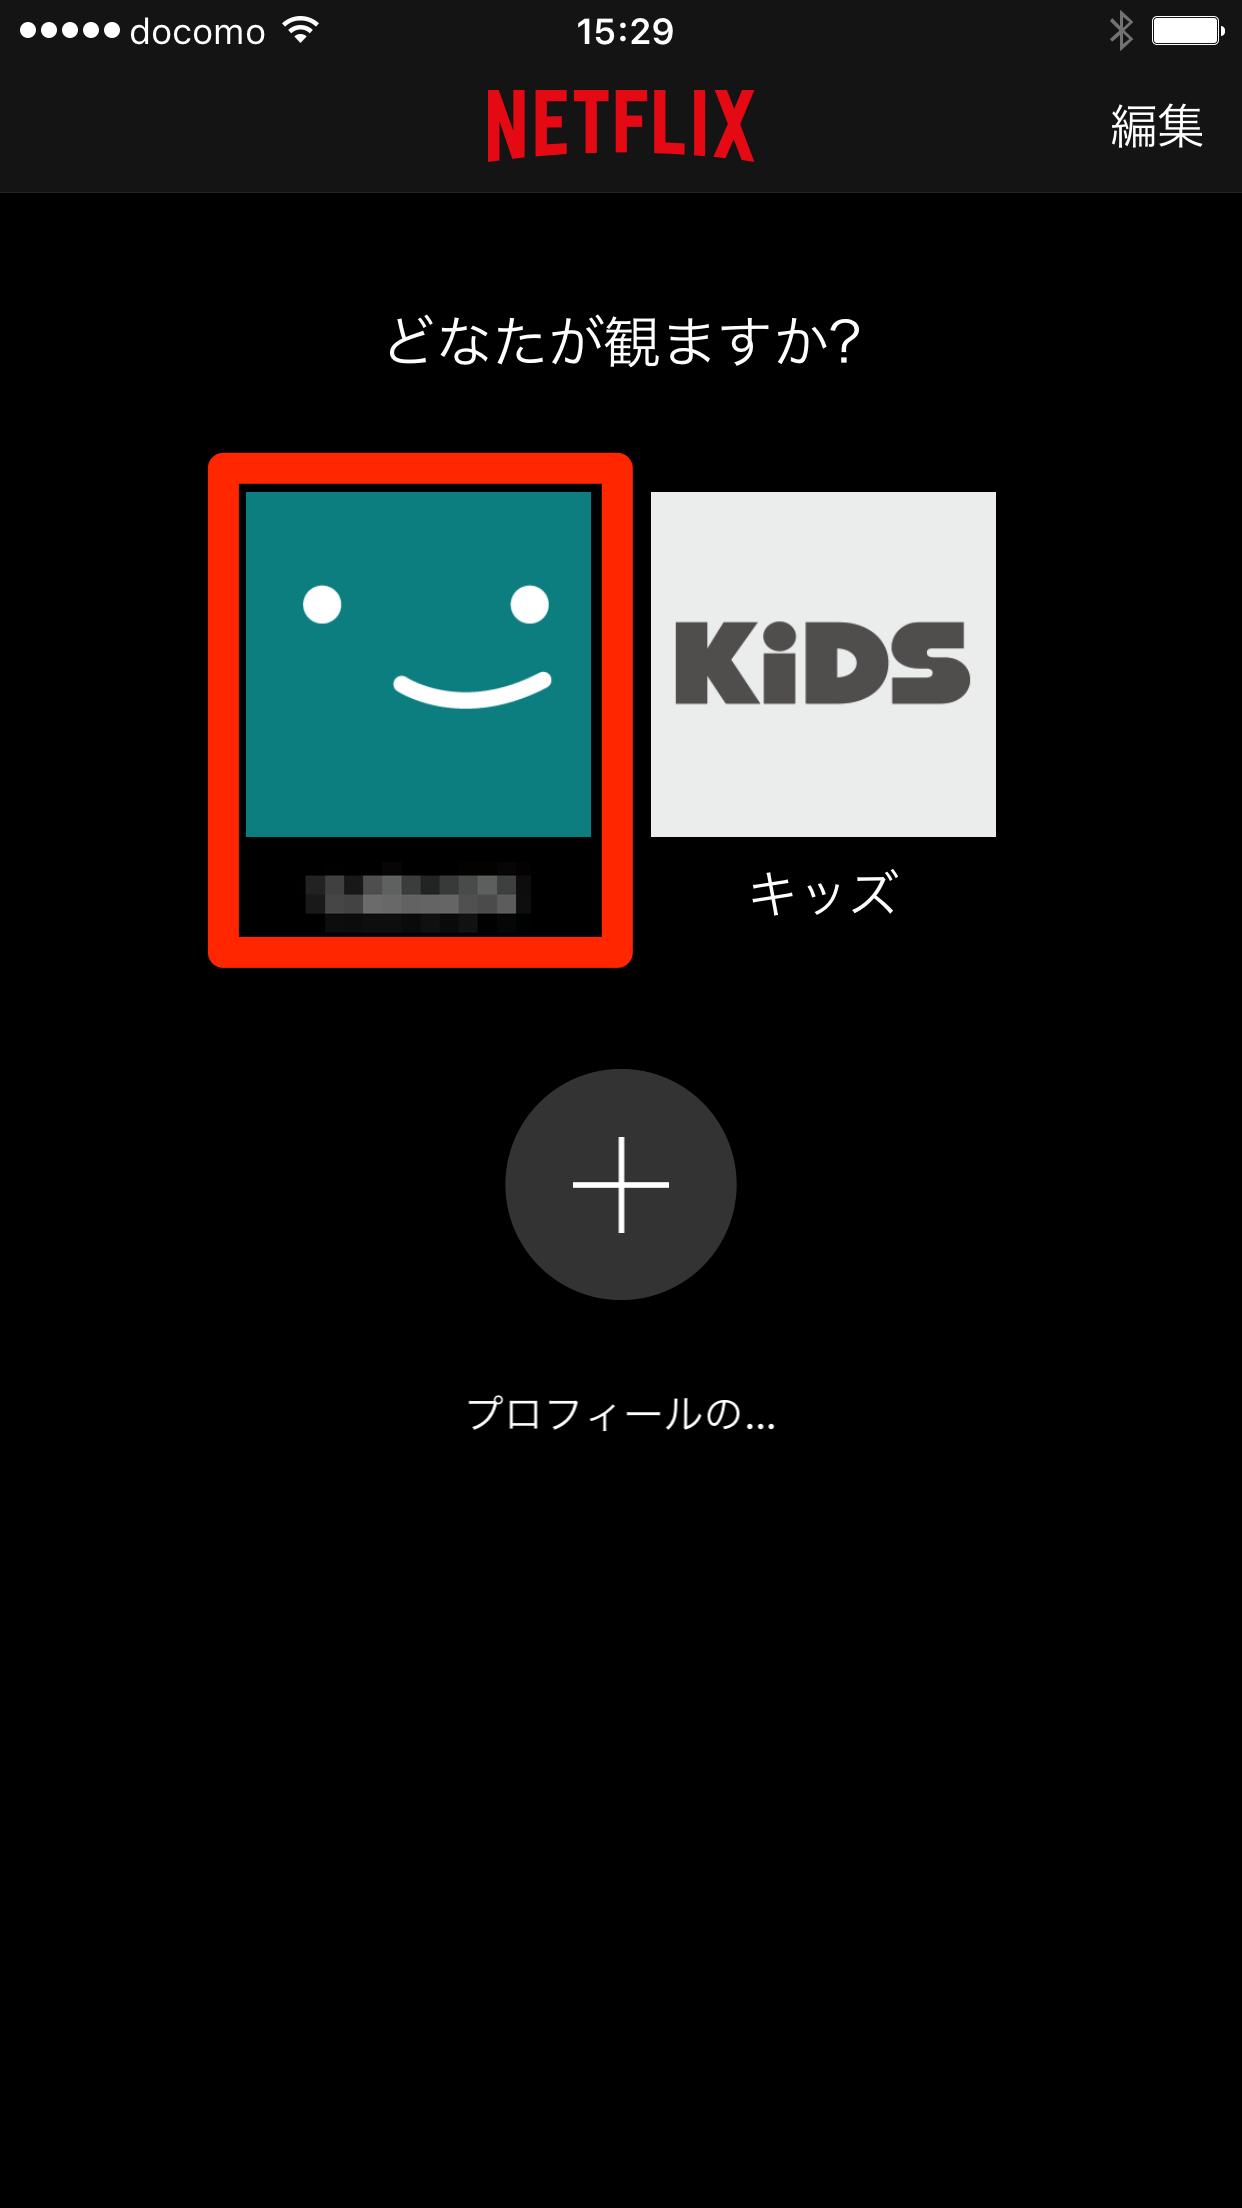 ユーザーを選択する